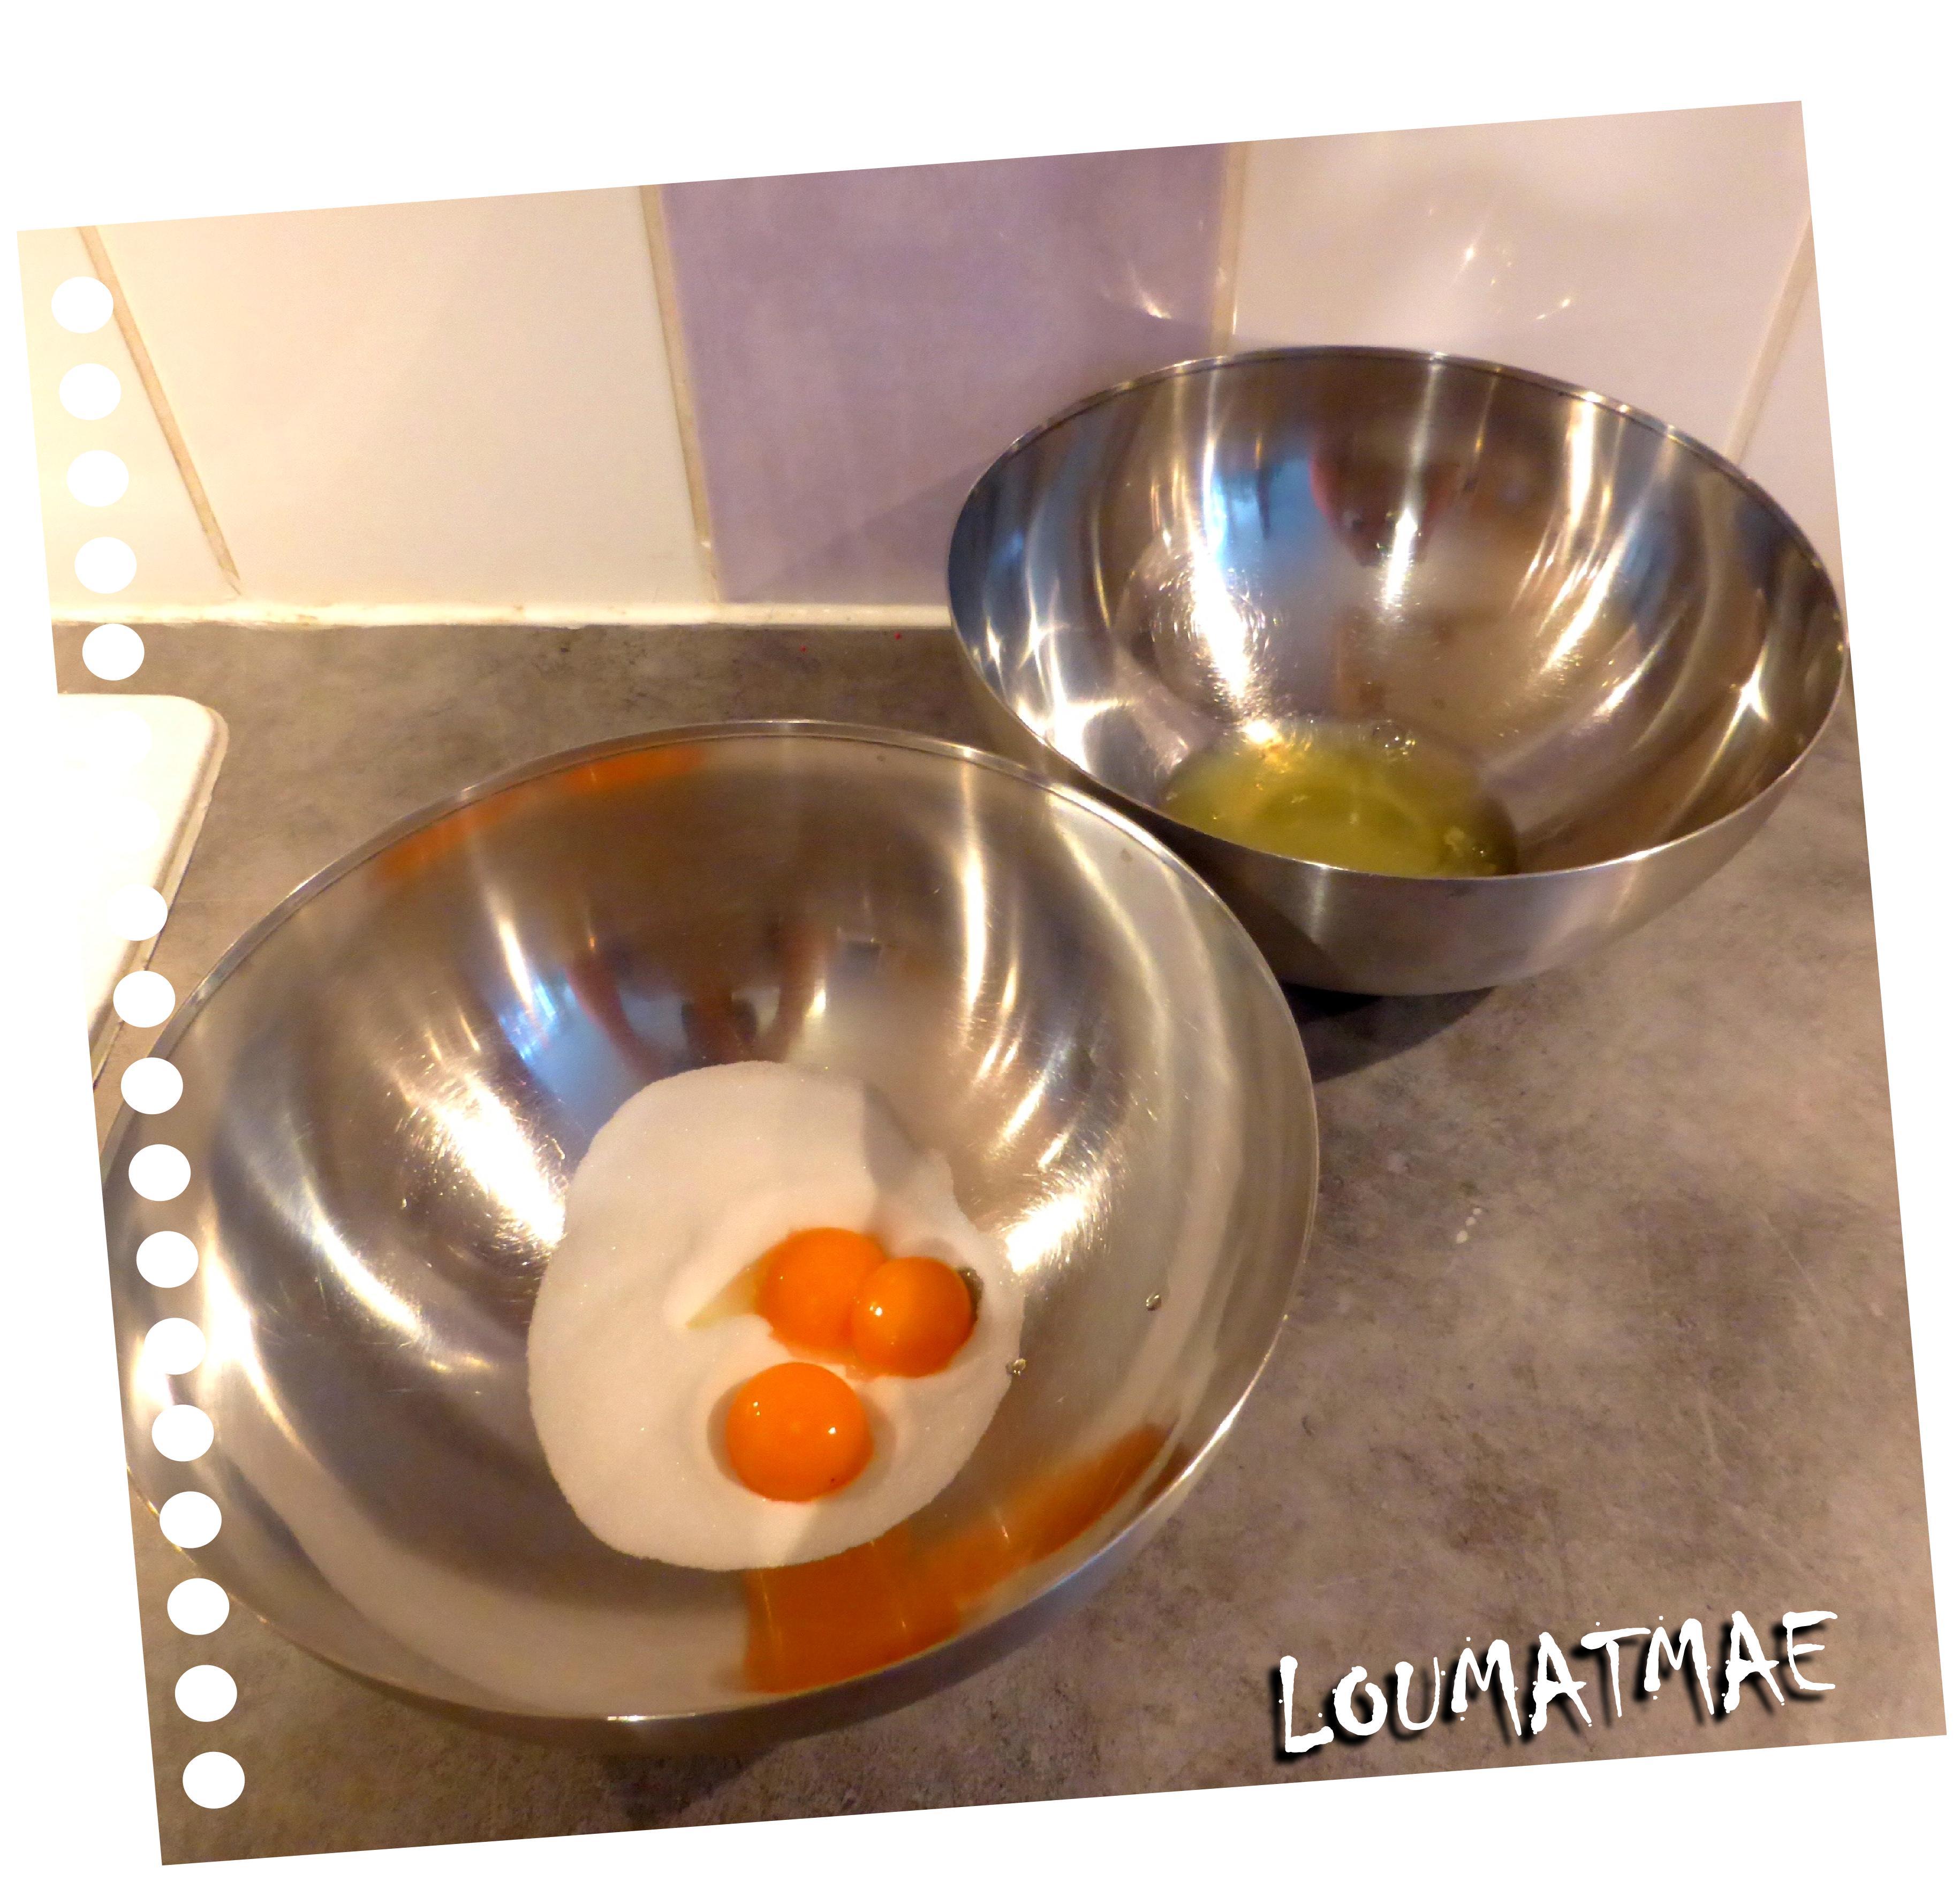 séparer blancs et jaunes d'oeufs